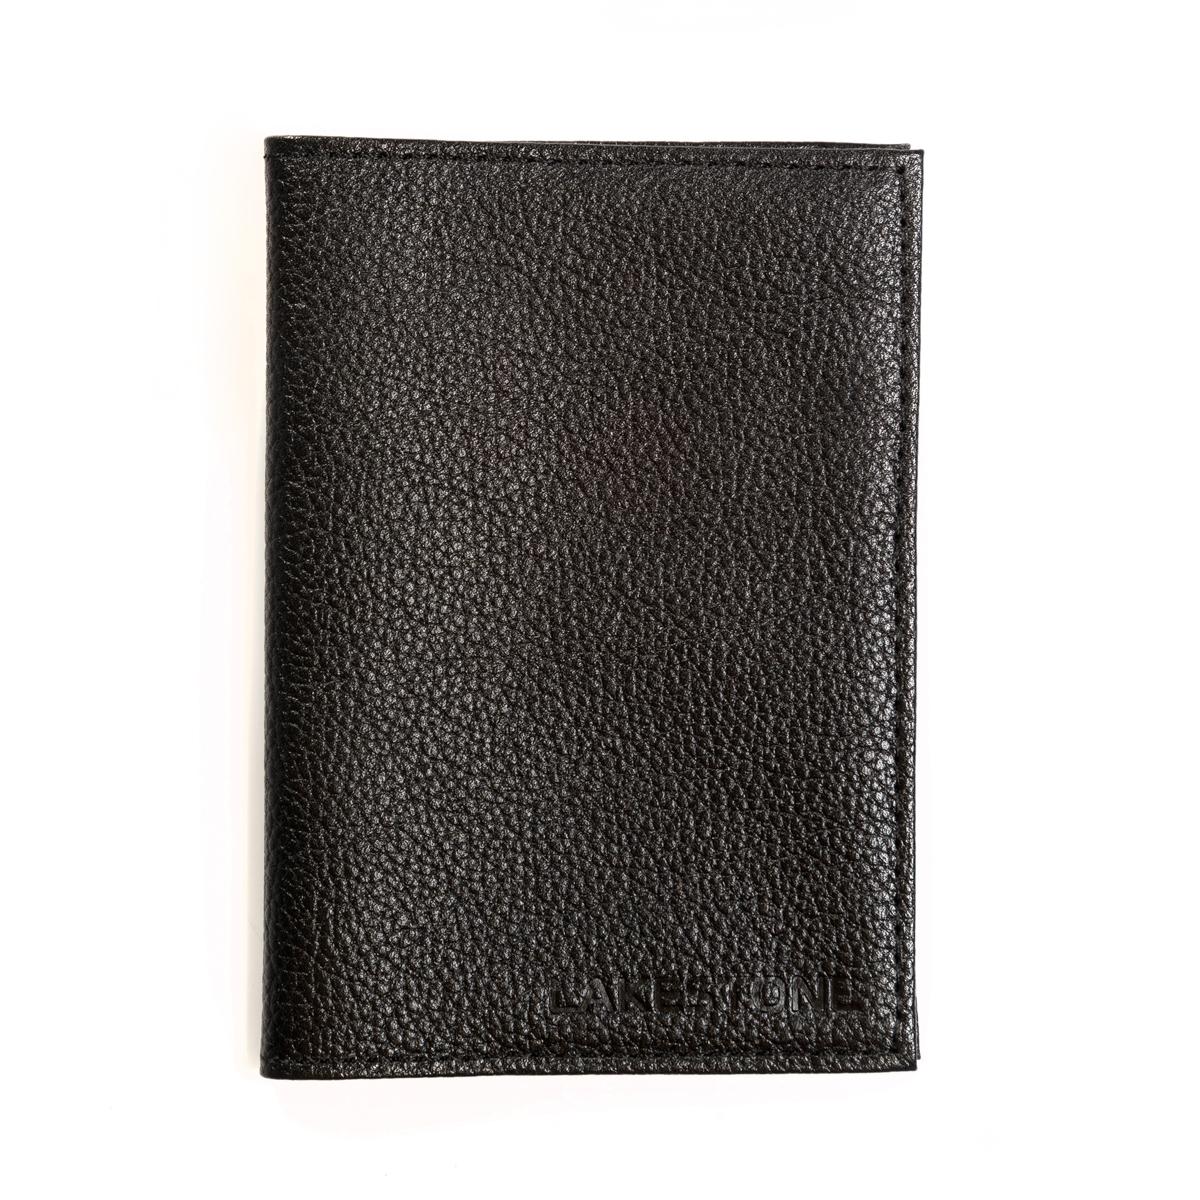 Обложка для паспорта Ripon Black фото